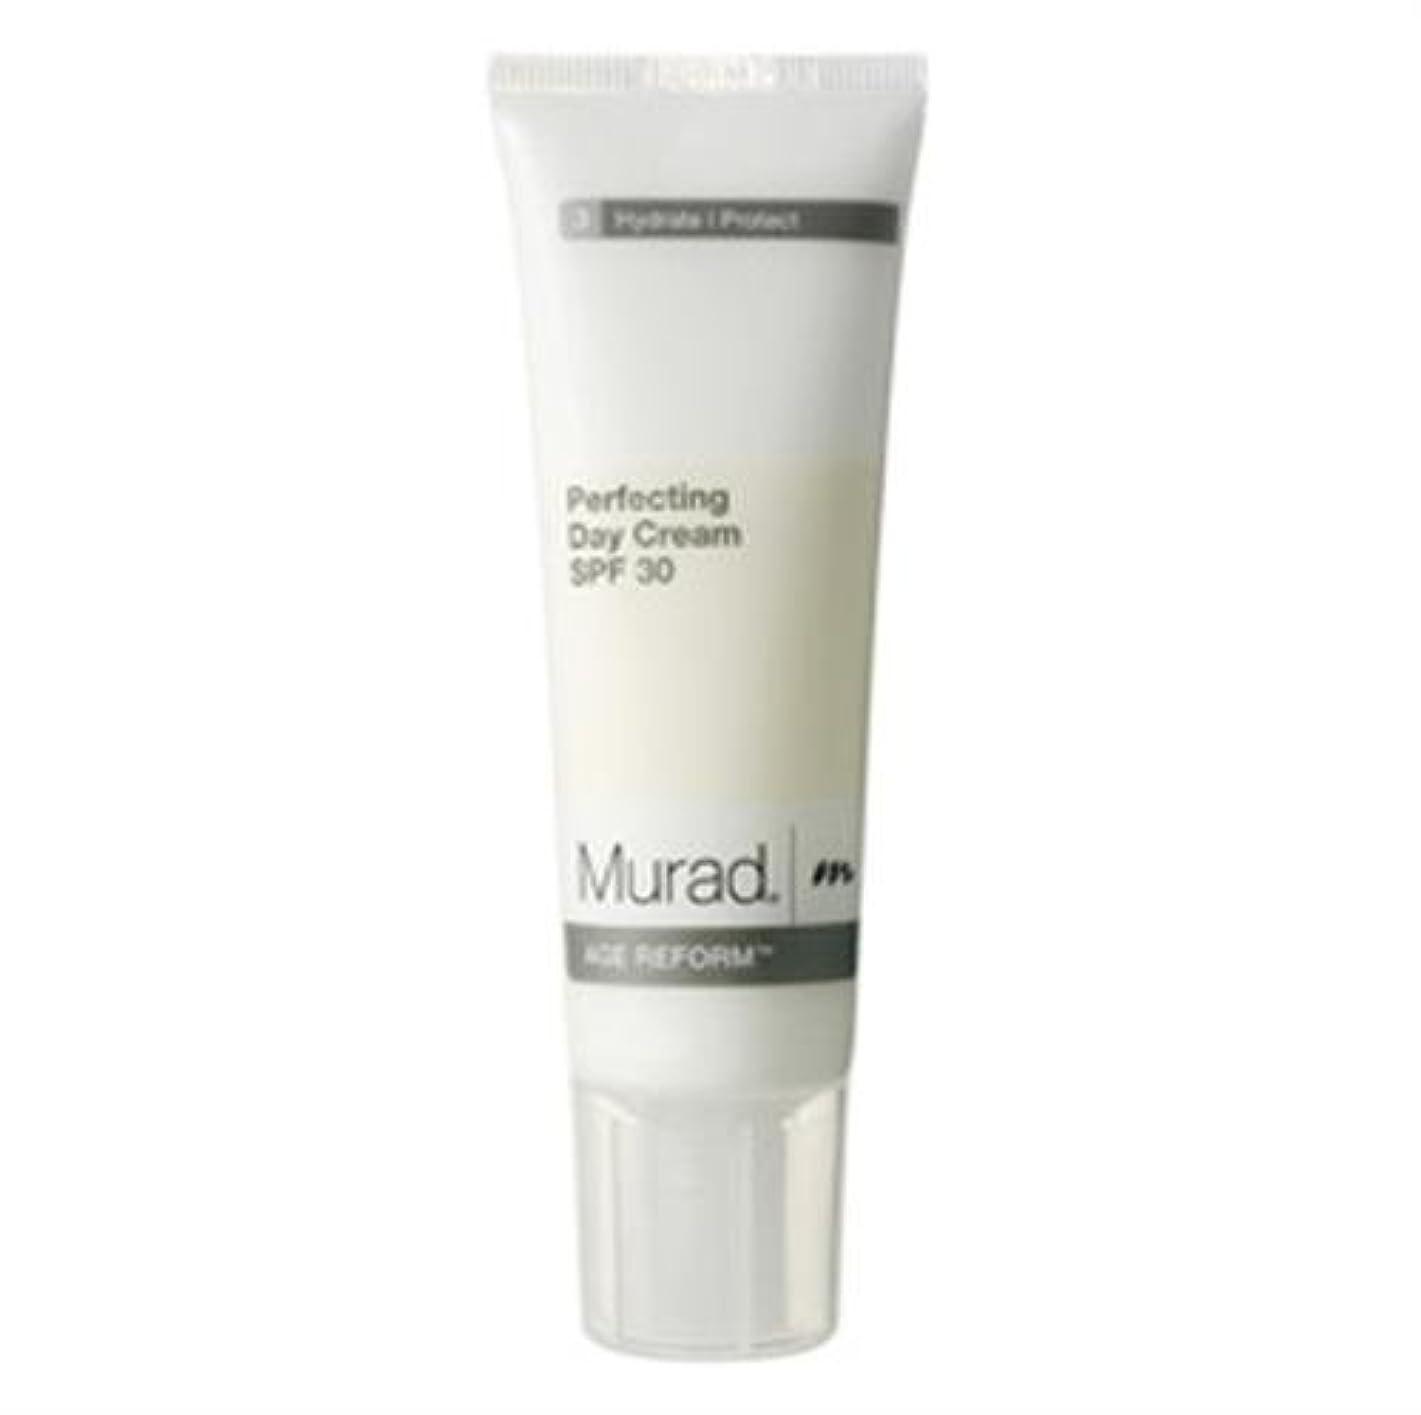 電気的ウィザードこどもセンターミュラド Perfecting Day Cream SPF30 - Dry/Sensitive Skin (Exp. Date 03/2020) 50ml/1.7oz並行輸入品